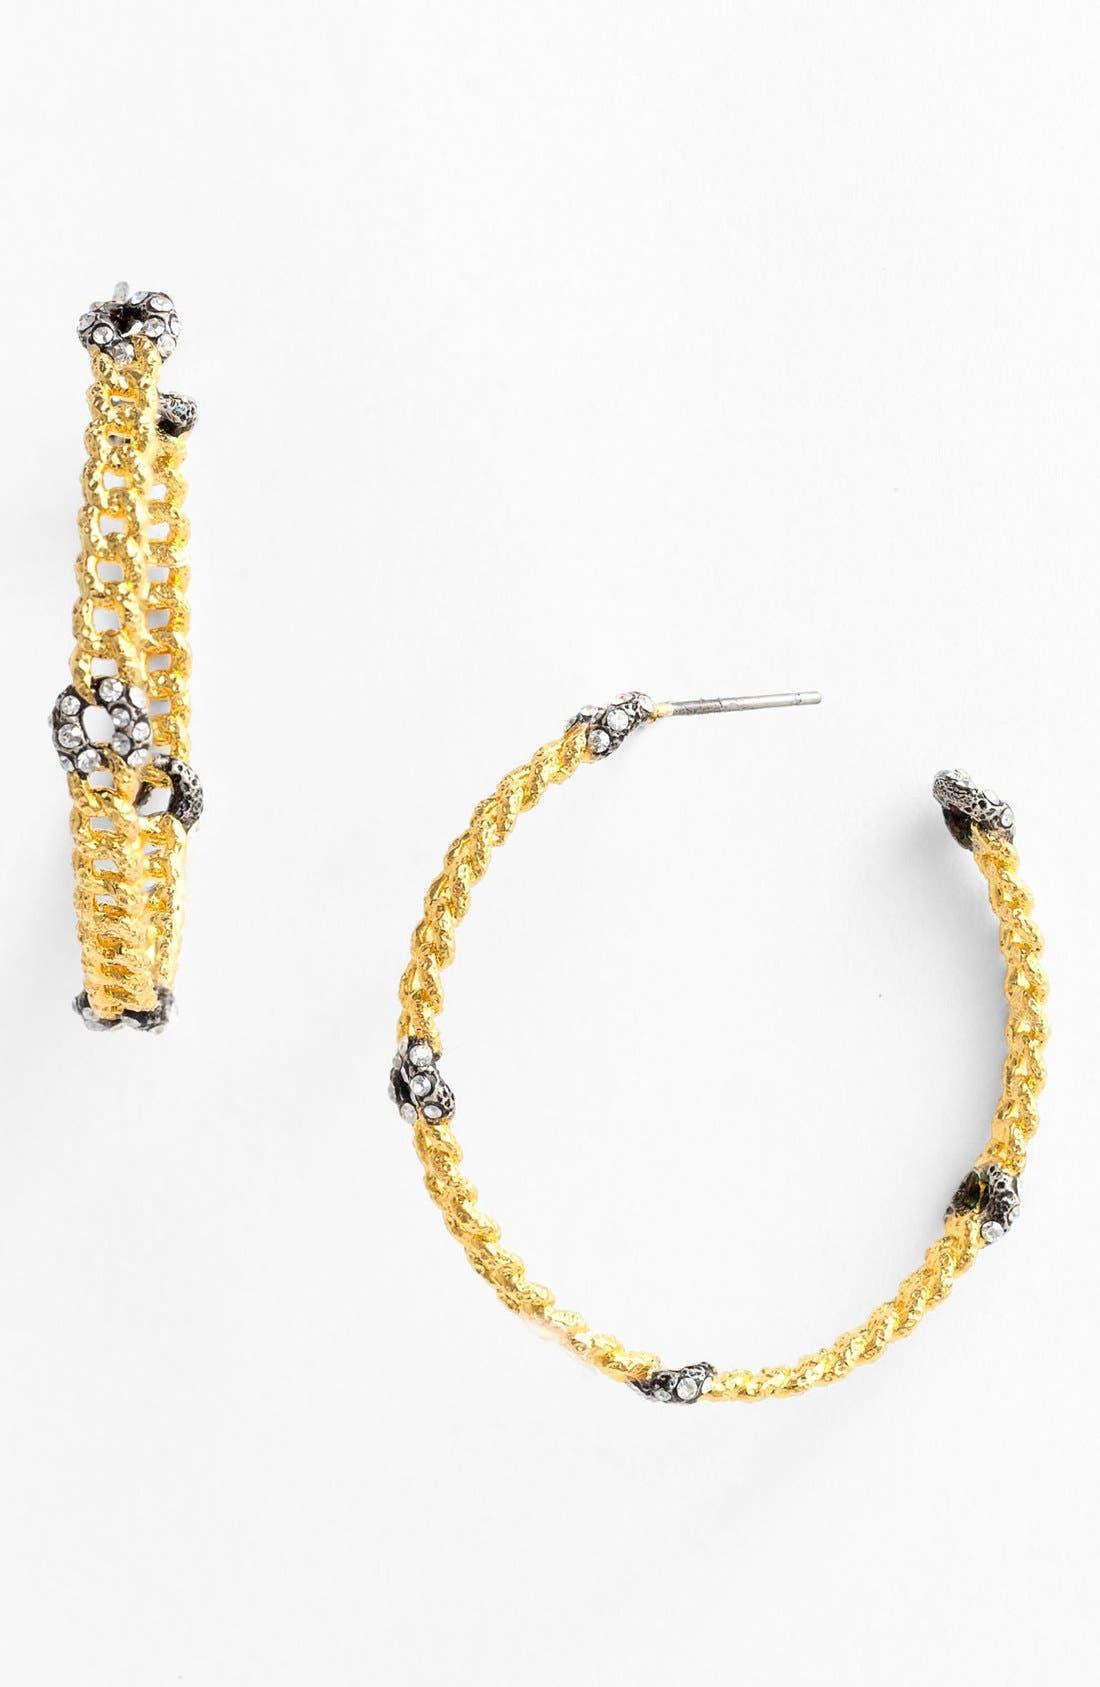 Alternate Image 1 Selected - Alexis Bittar 'Elements - Cordova' Link Hoop Earrings